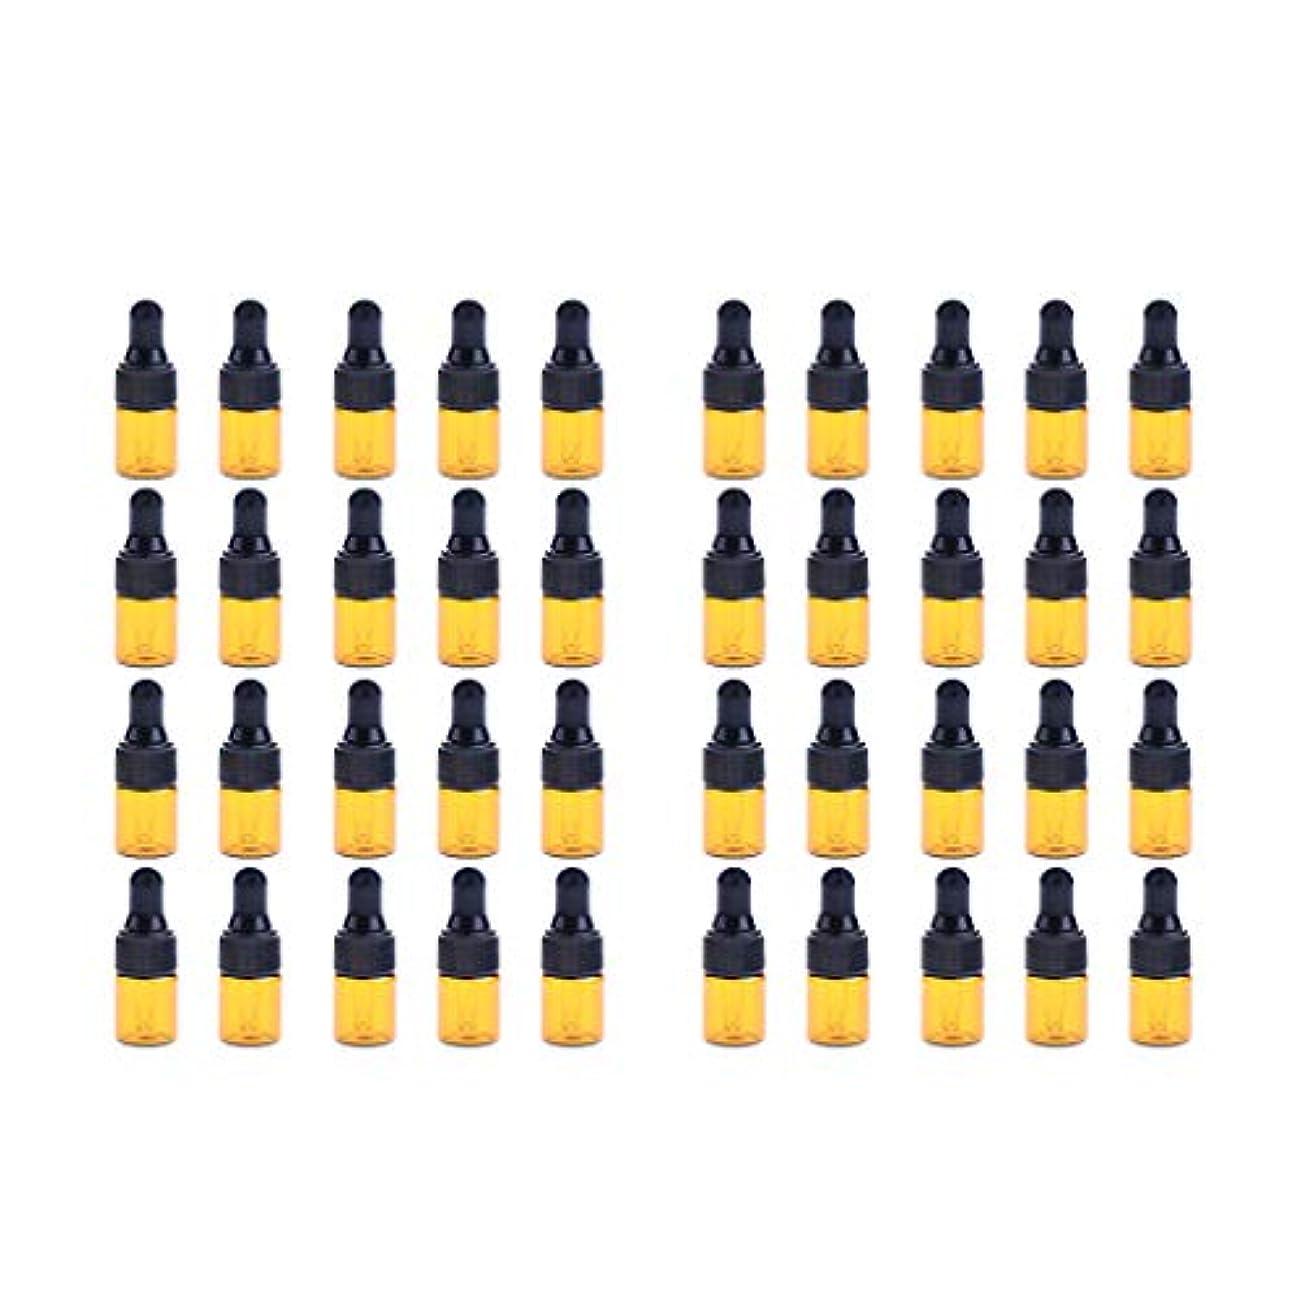 元に戻すワーディアンケース知覚的Fenteer ドロッパーボトル 精油 ミニサイズ 詰め替え可 ガラス スポイトボトル 1ml /2ml 40個入